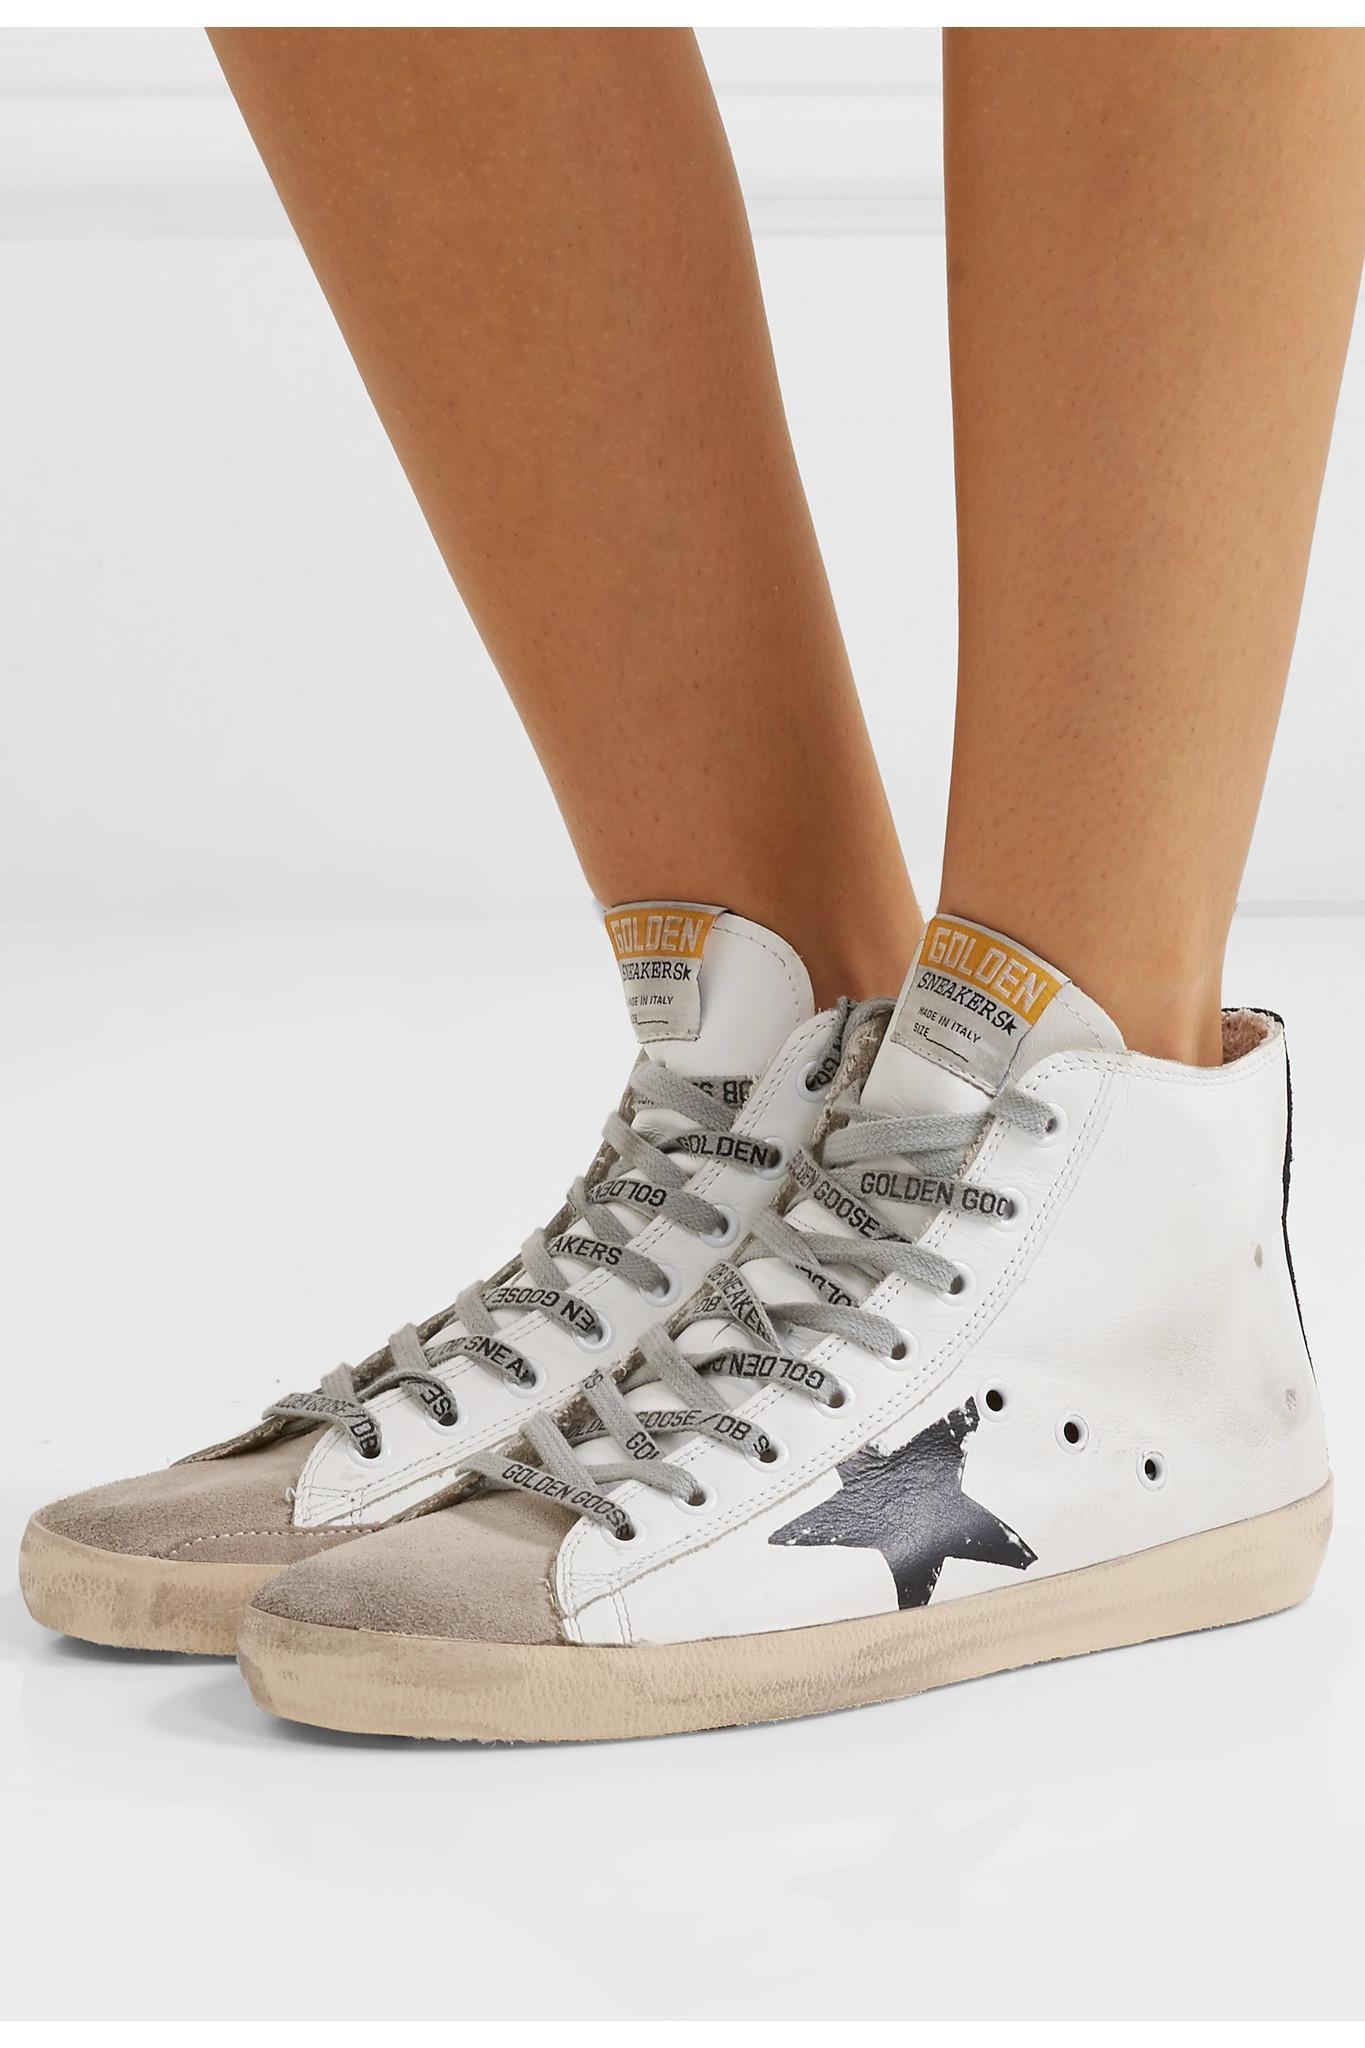 promo code 02813 605aa http://maneuver.chaussures-securite-mardon.com/cryogenics ...